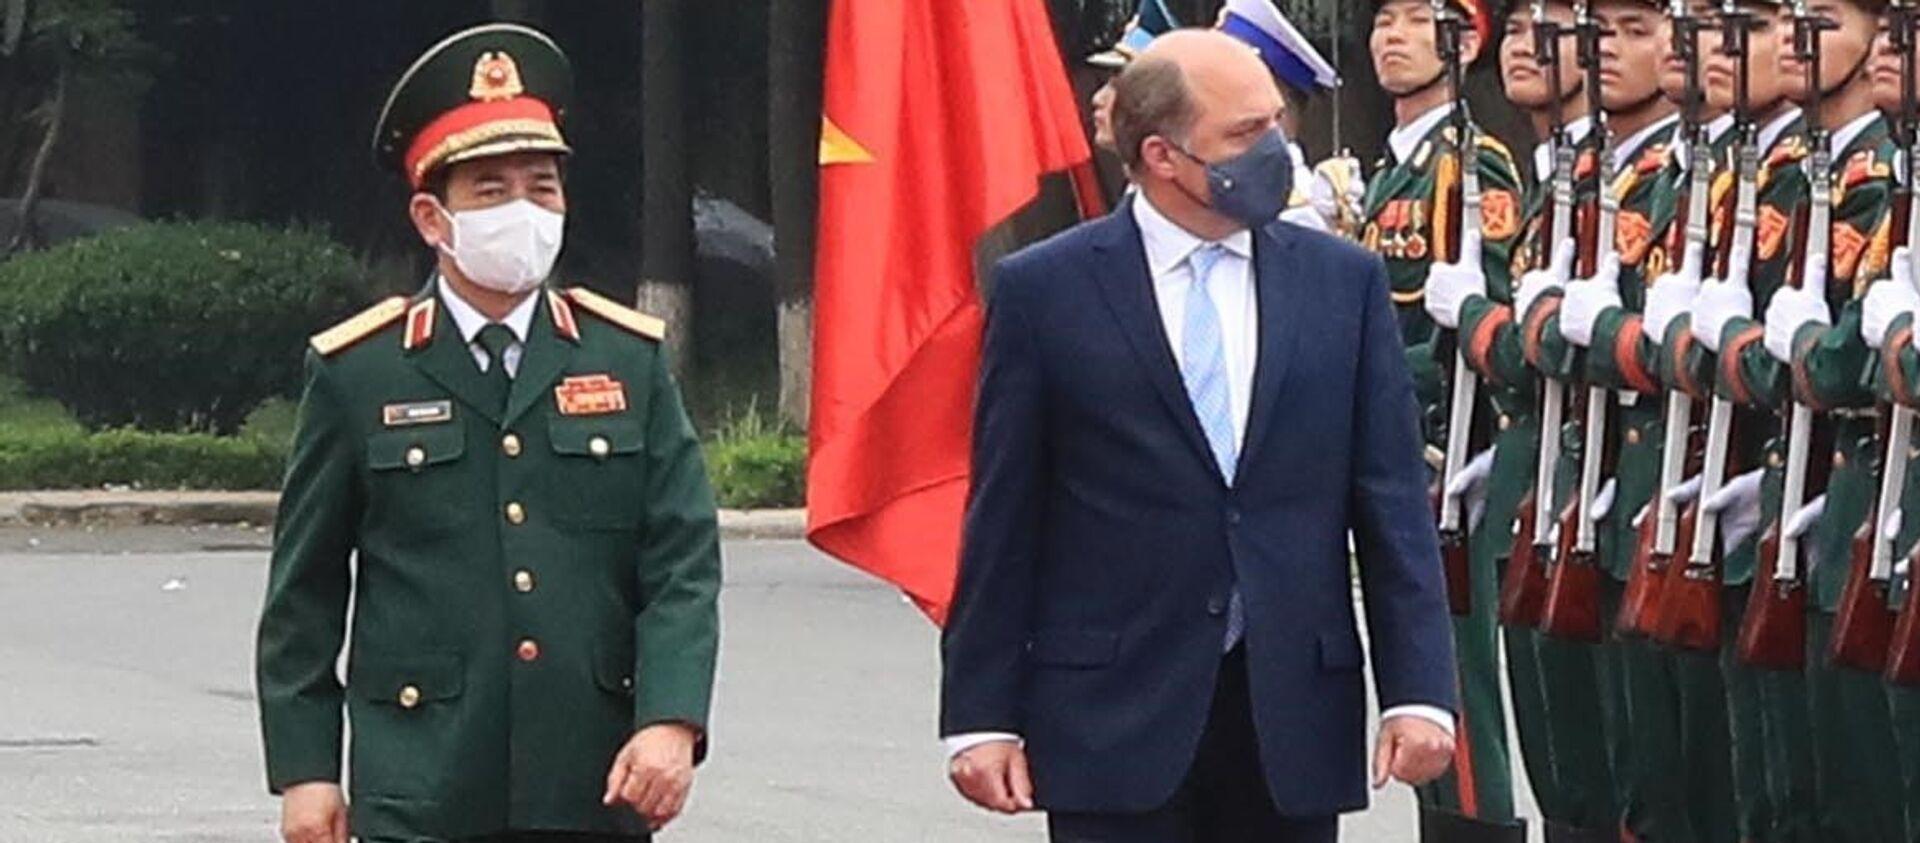 Lễ đón Bộ trưởng Quốc phòng Liên hiệp Vương quốc Anh và Bắc Ireland Robert Ben Lobban Wallace.  - Sputnik Việt Nam, 1920, 22.07.2021